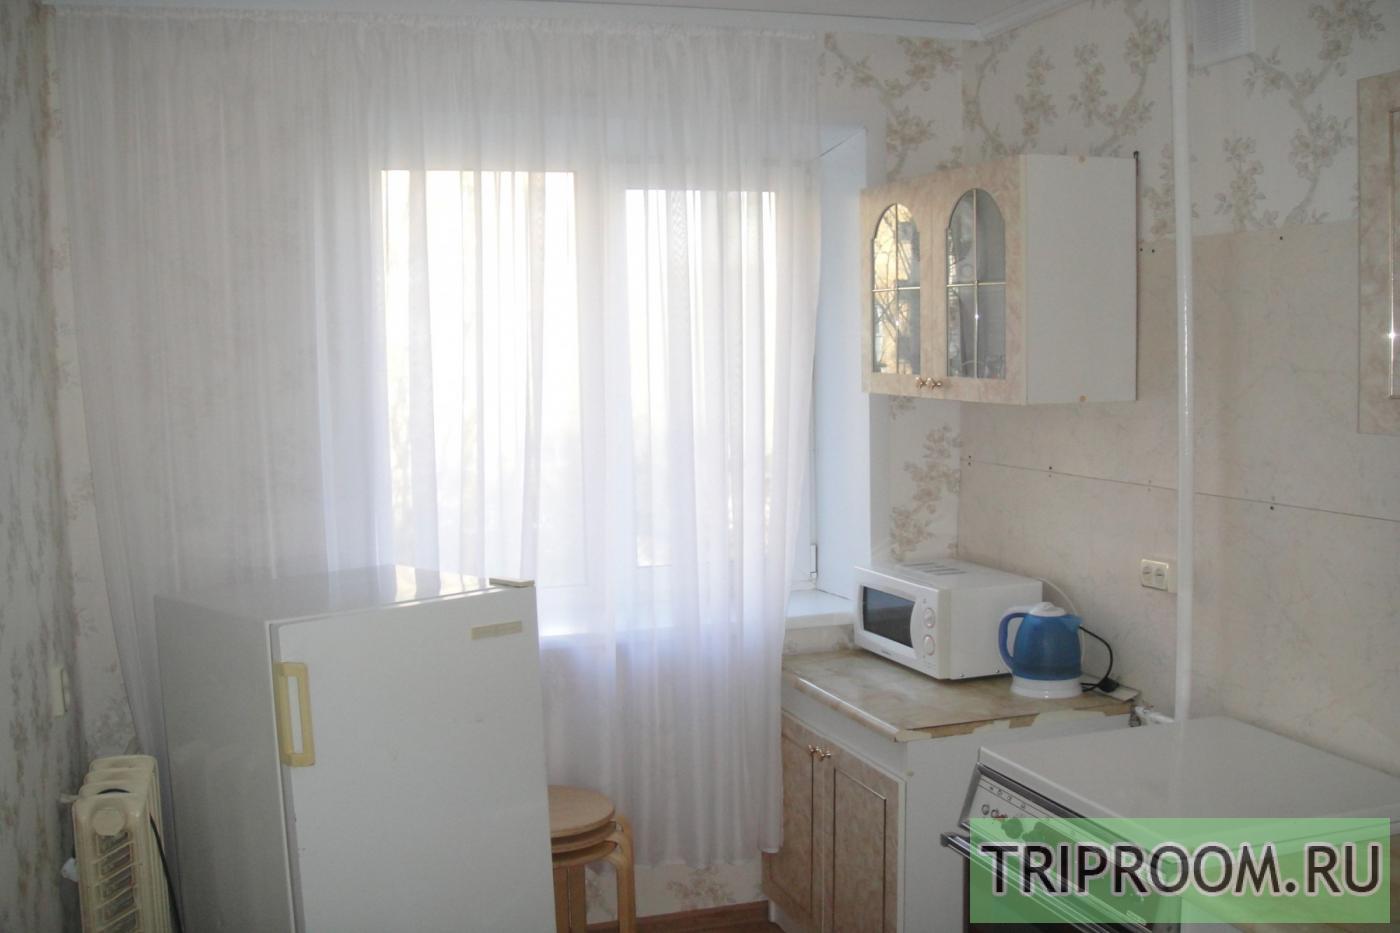 1-комнатная квартира посуточно (вариант № 22588), ул. Стара-Загора улица, фото № 10